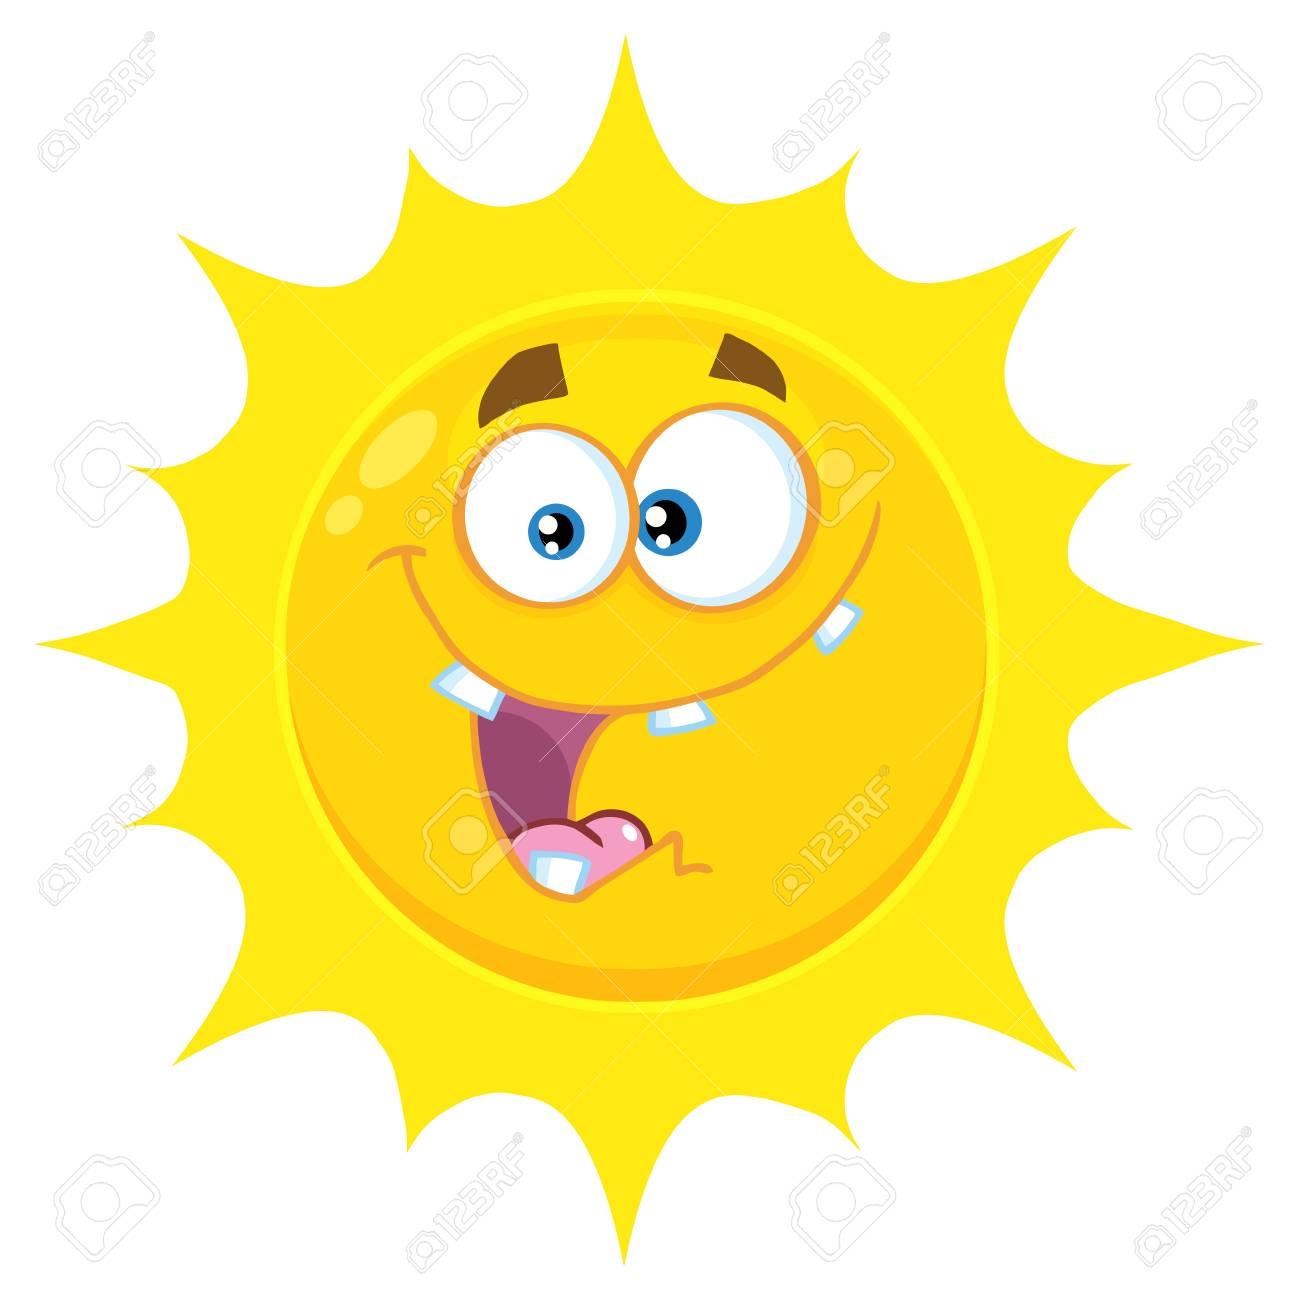 Banque dimages personnage de visage emoji cartoon fou jaune soleil avec lexpression illustration isolé sur fond blanc